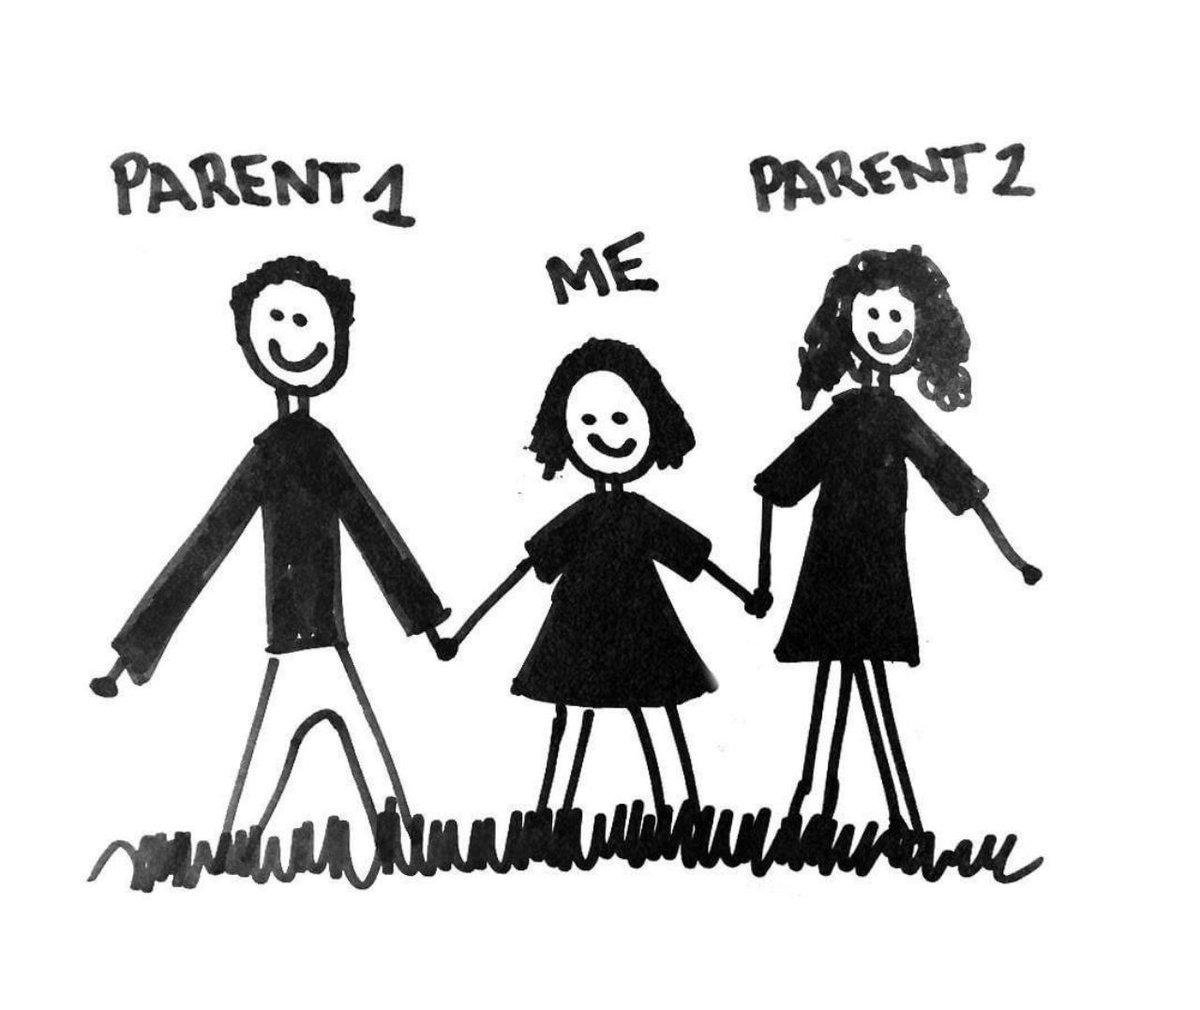 """#فرنسا تدرس مقترحا لتعديل مناهج النظام التعليمي لإزالة اسمي """"اب"""" و """"ام""""، واستبدالهما ب """"والد 1"""" ووالد """"2"""" لمنع التمييز بين الجنسين  تبقى المعضلة لديهم في الاتفاق على من سيكون رقم 1  ومن سيكون رقم 2"""